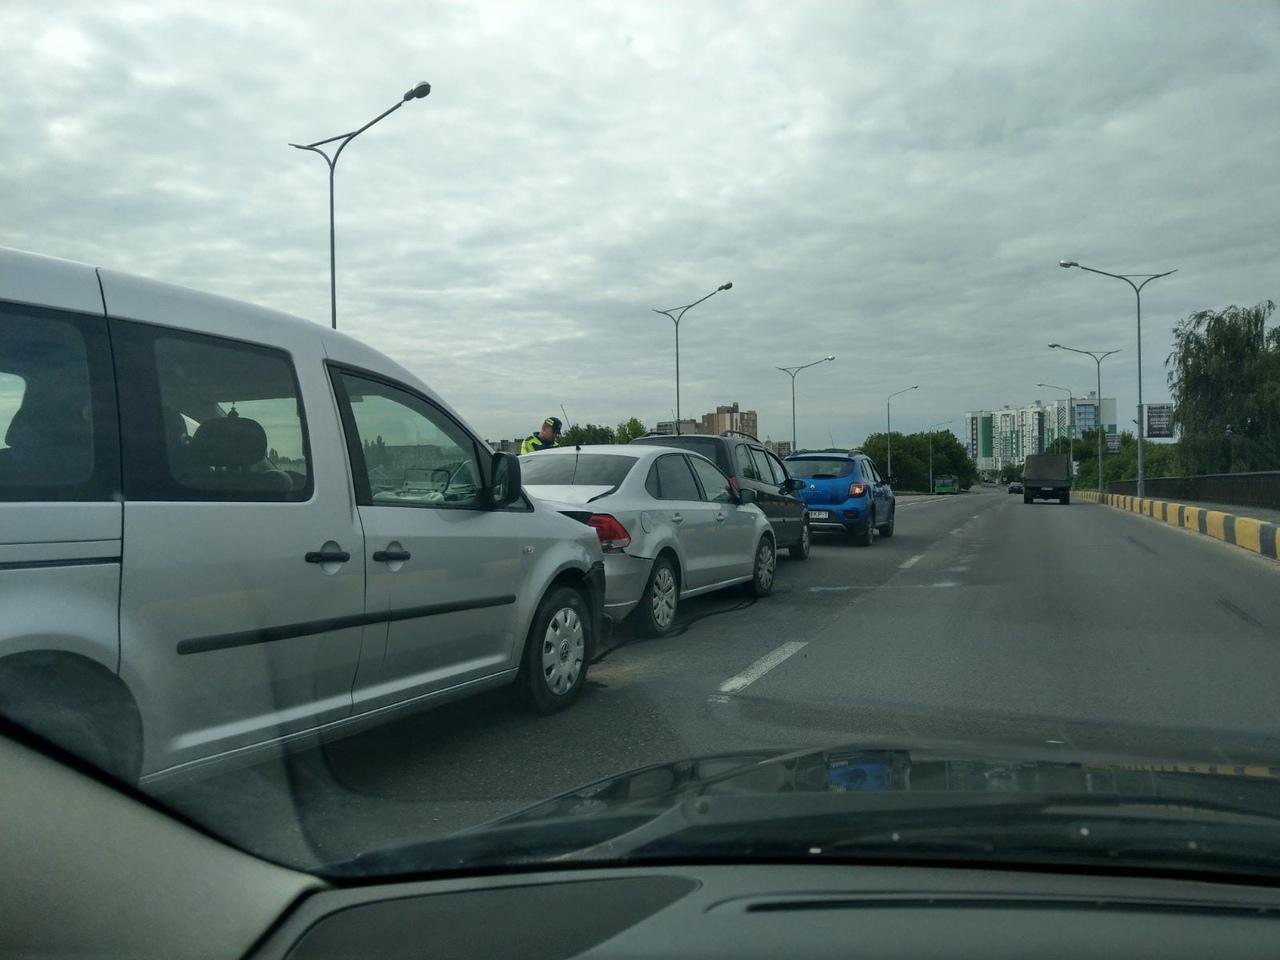 Четыре автомобиля столкнулись в Бресте на путепроводе. Один человек госпитализирован